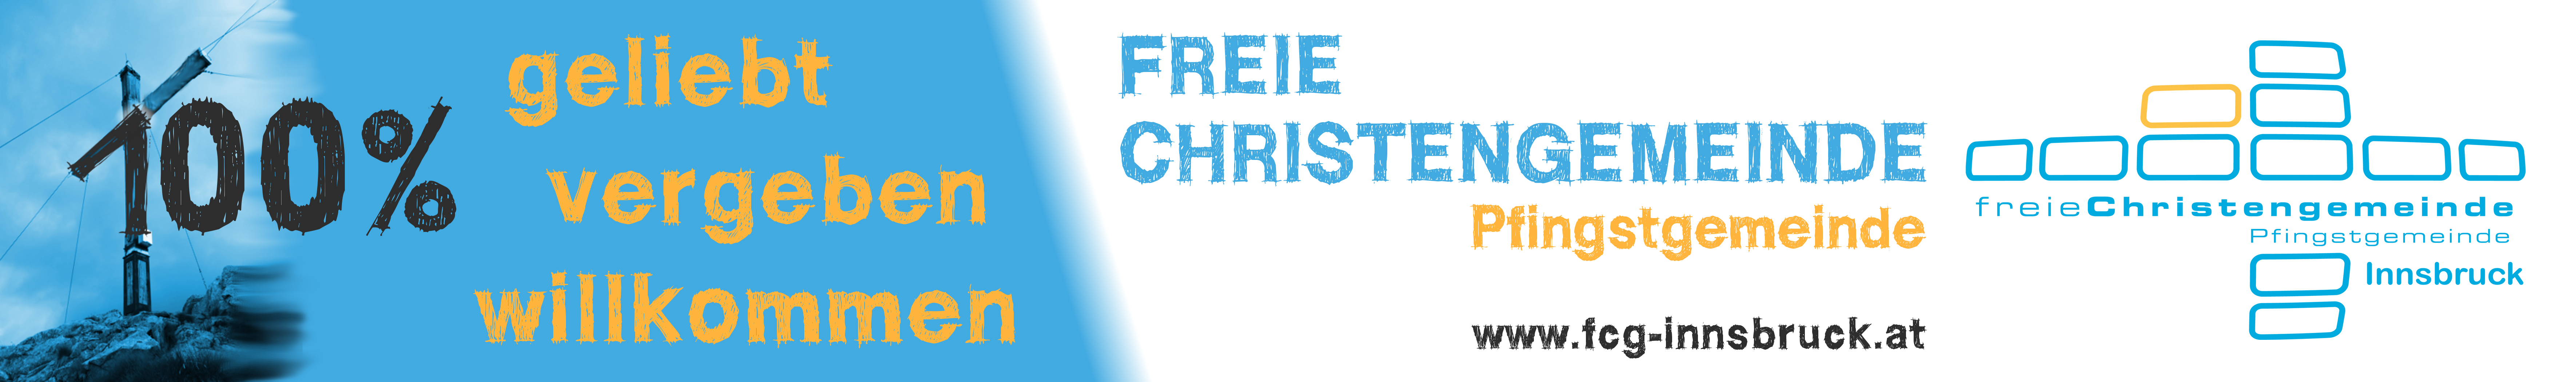 Freie Christengemeinde Innsbruck